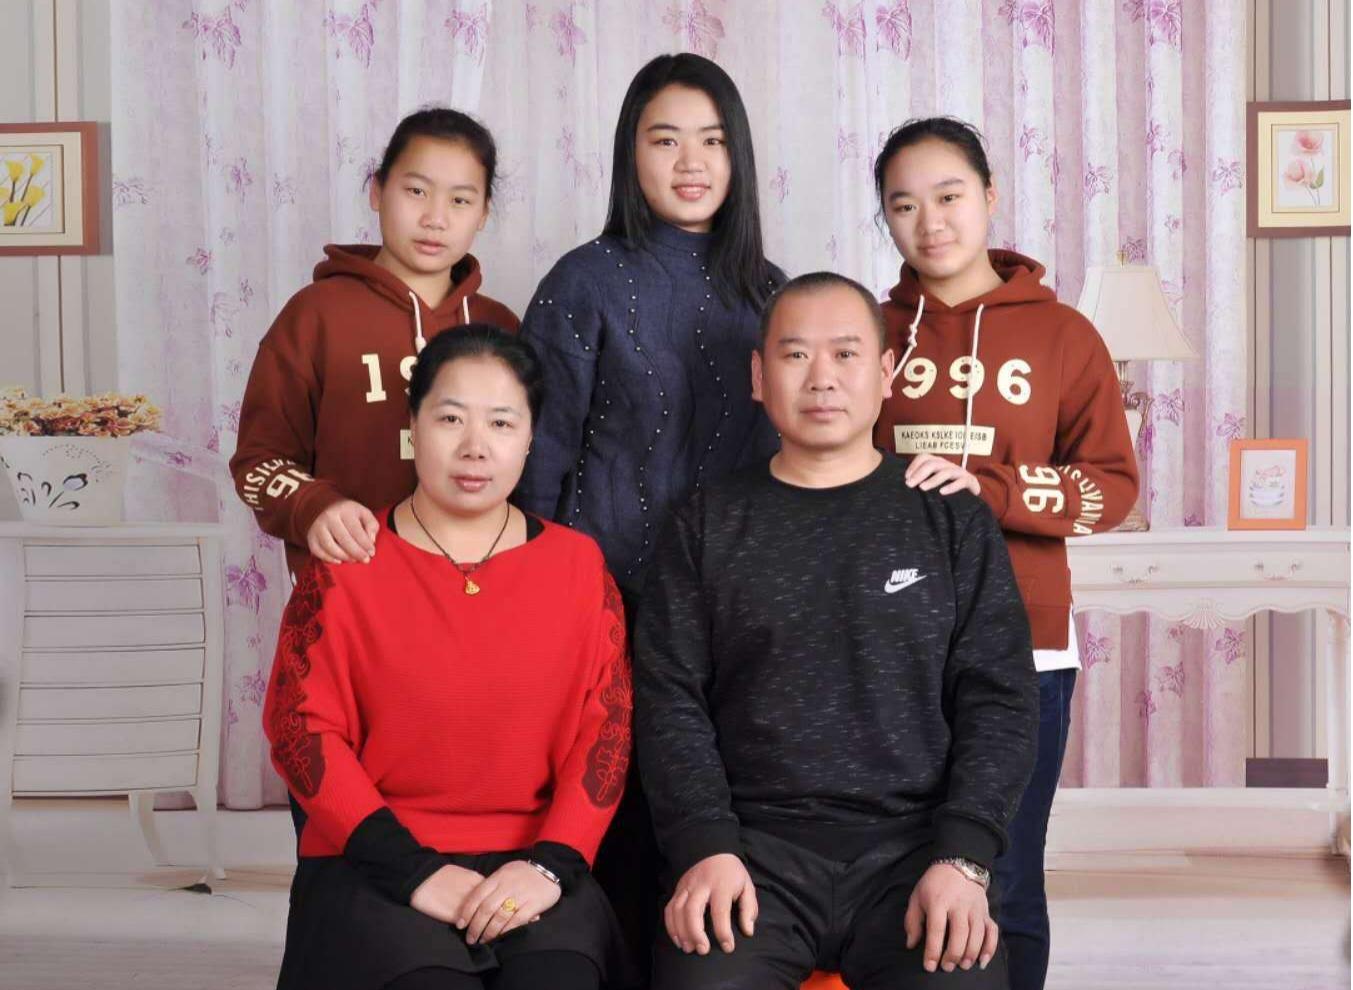 靳小芳家庭照片.jpg